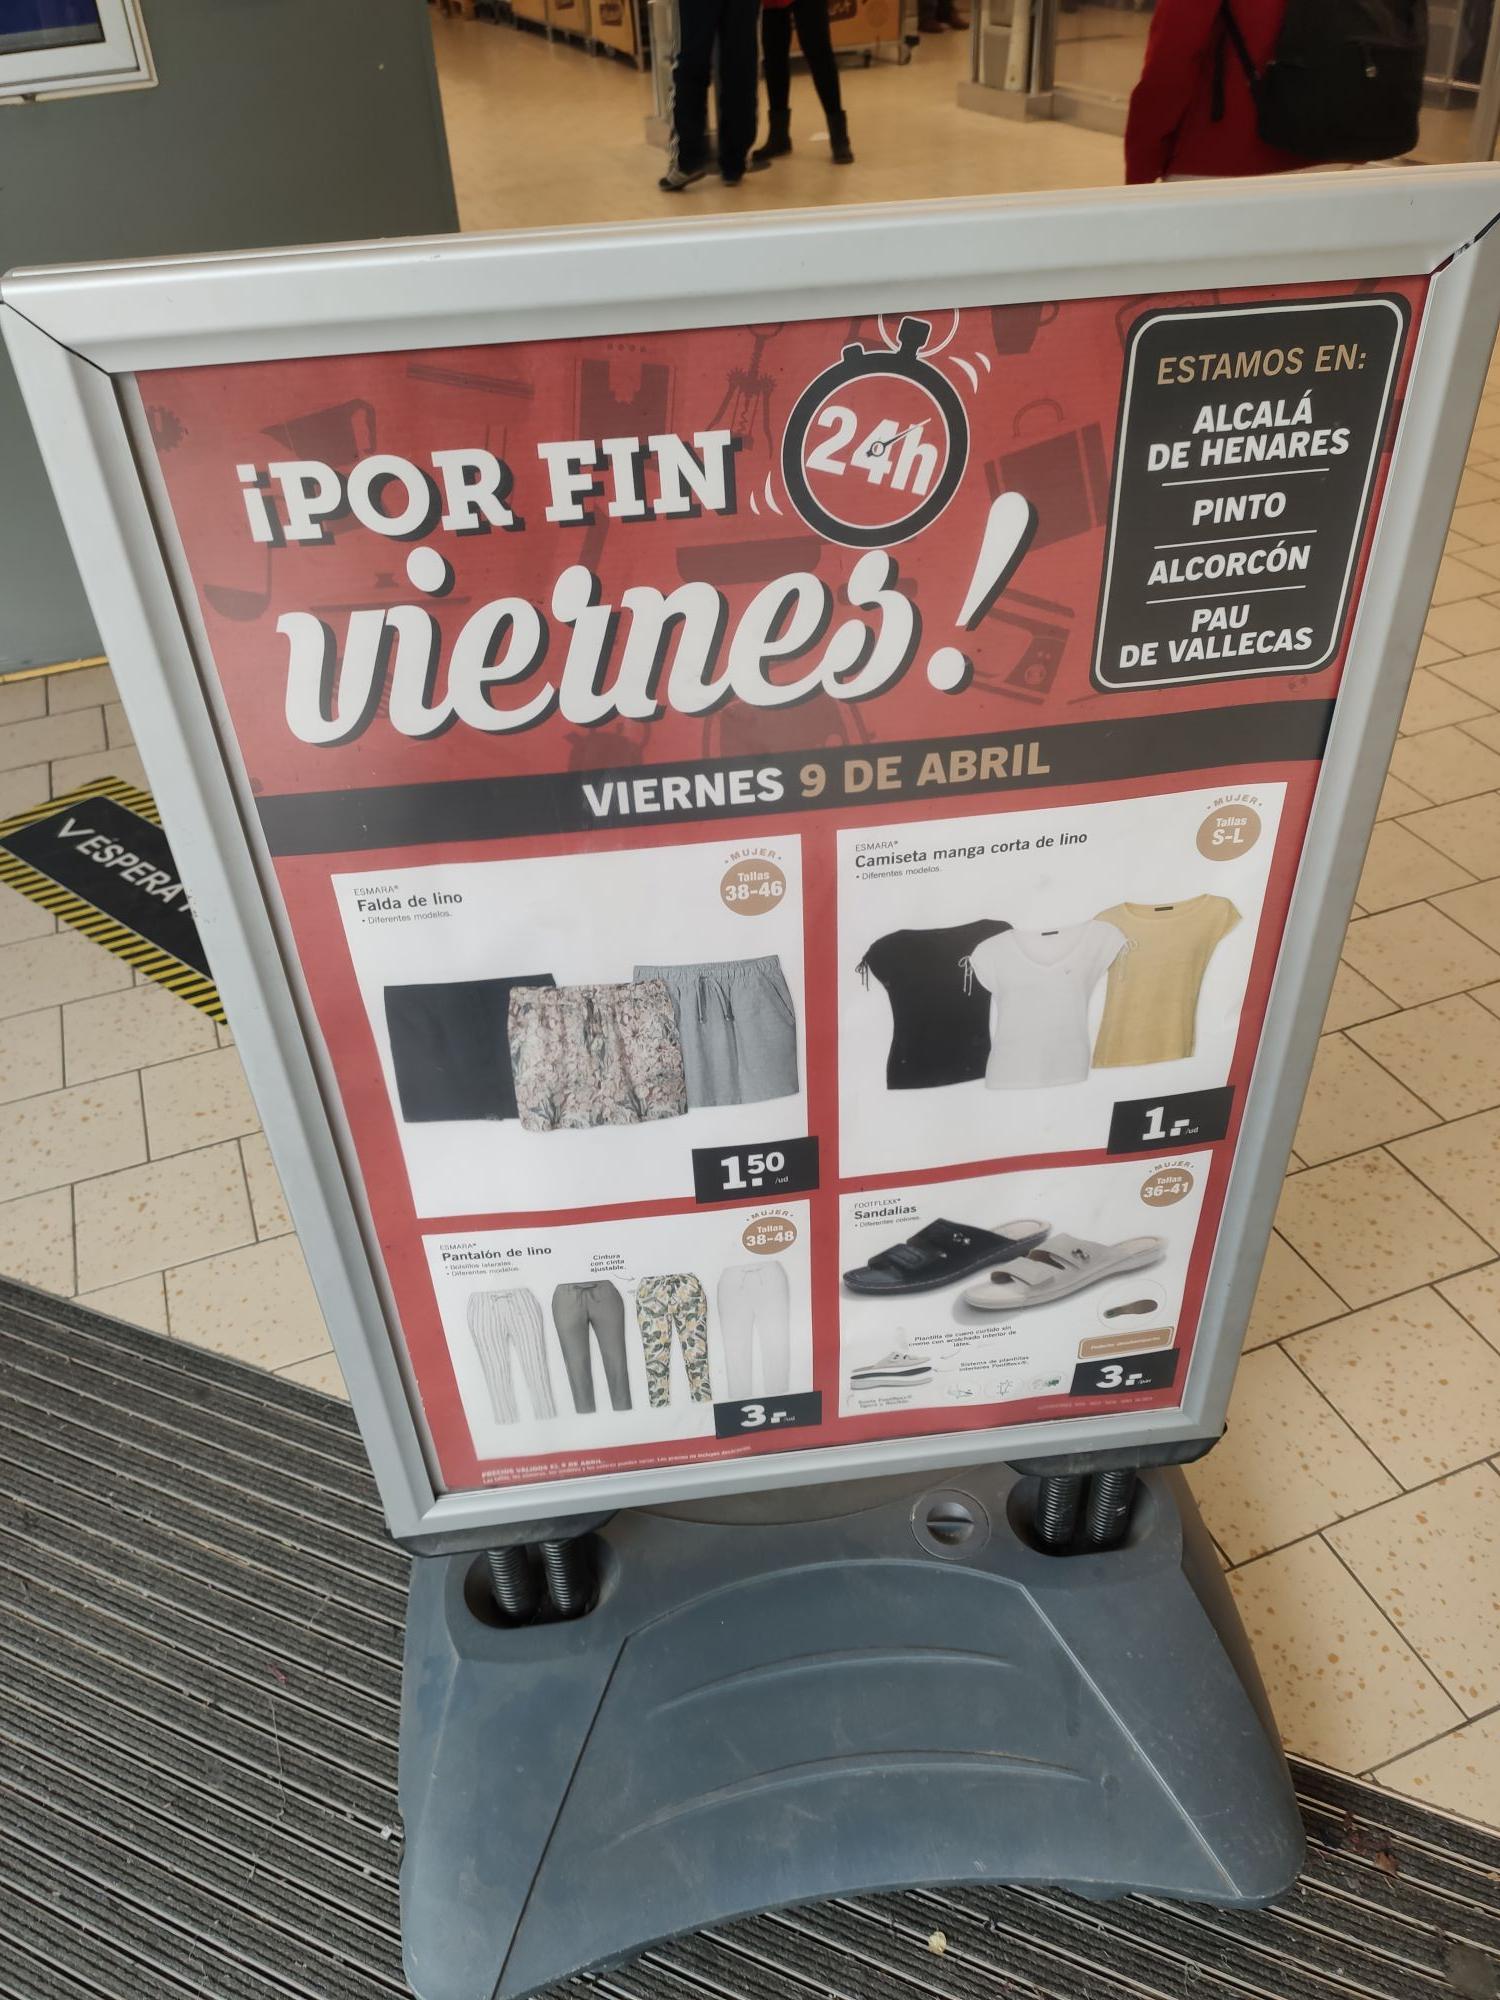 Ofertas a 1€ en Outlet del Lidl ensanche de Vallecas